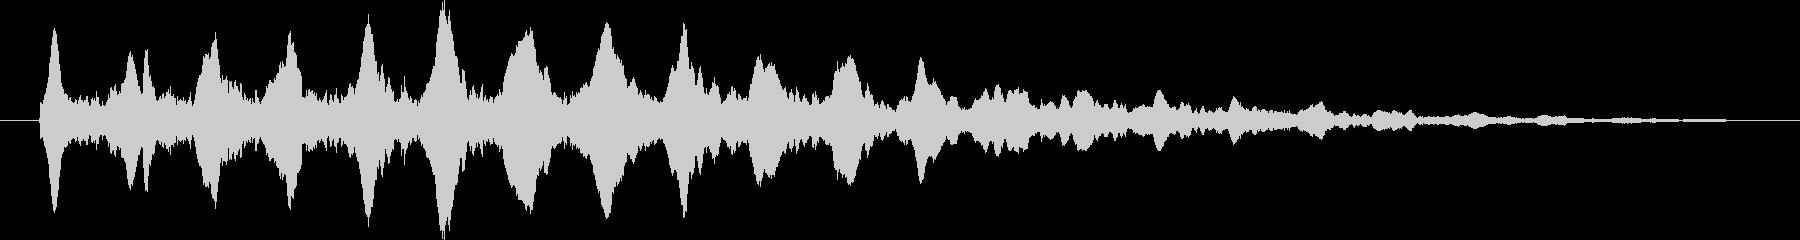 フニャフニャとしたシンセサイザーの音の未再生の波形